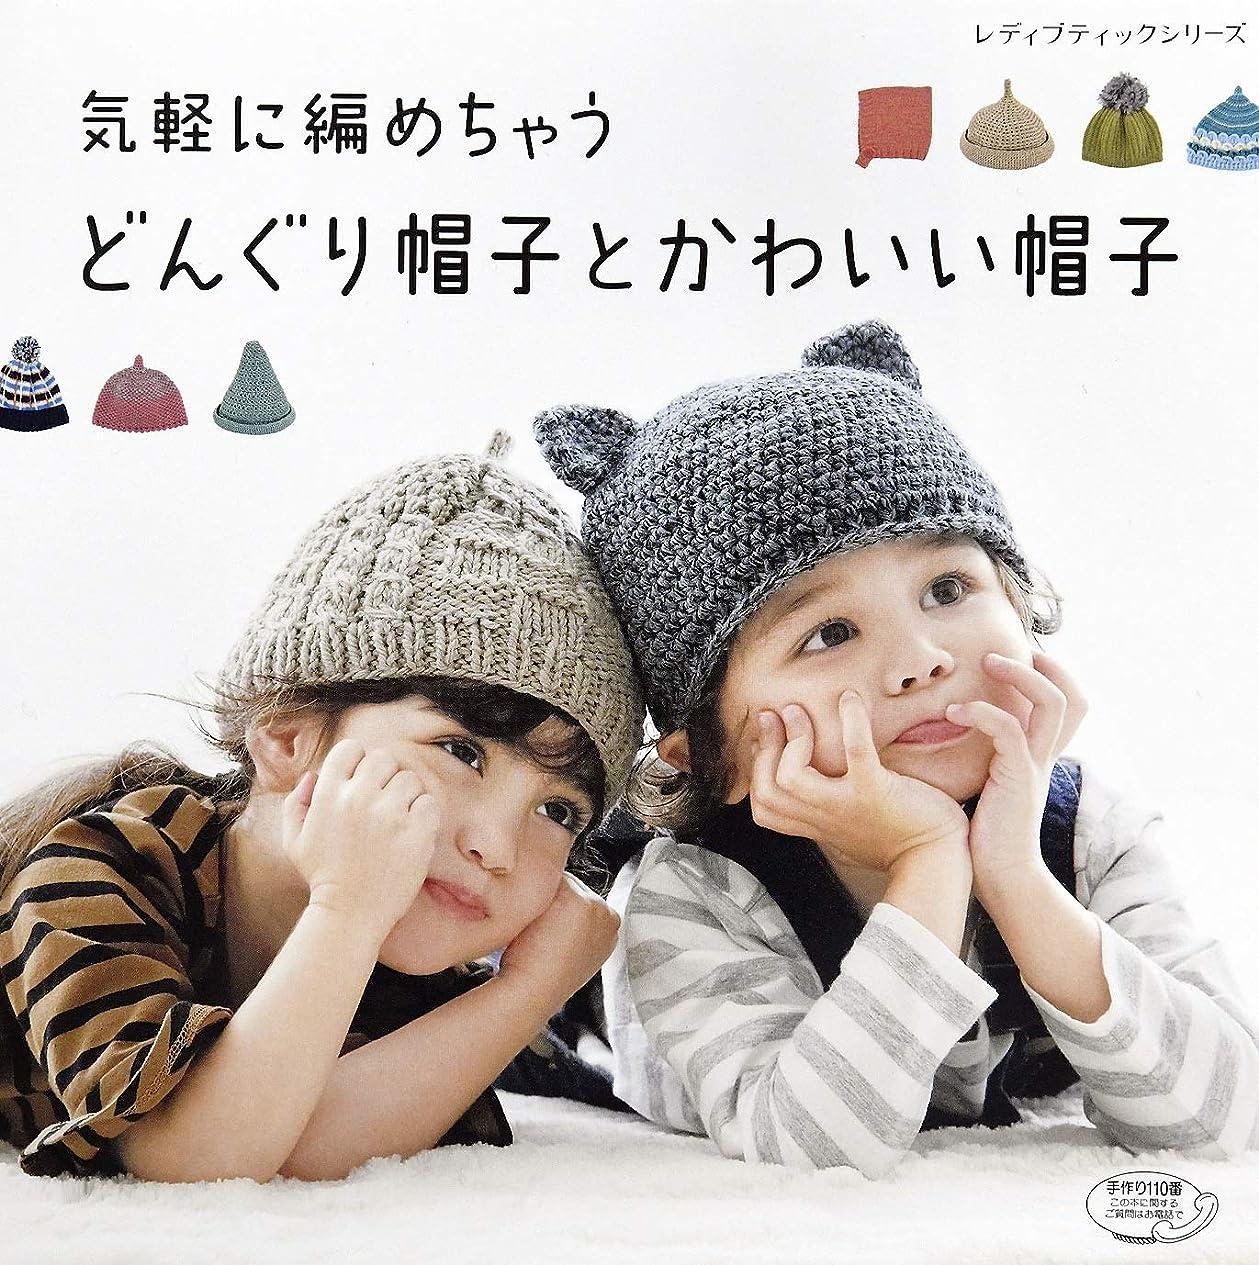 乱れパーフェルビッド説得力のある気軽に編めちゃうどんぐり帽子とかわいい帽子